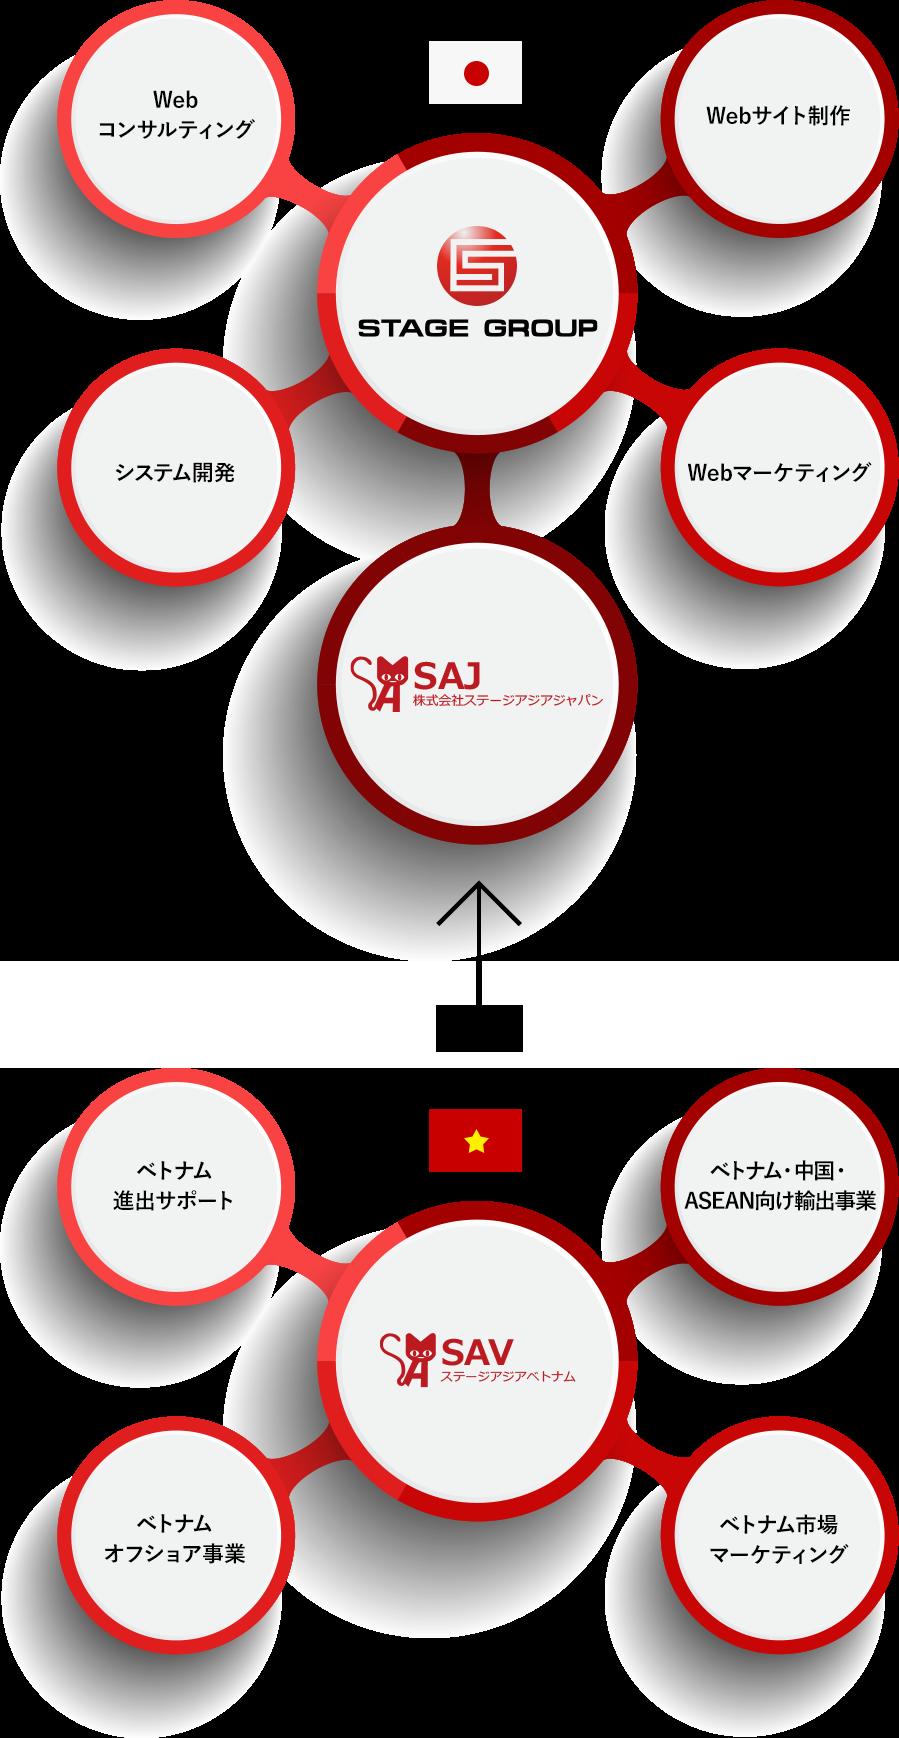 webコンサルティング webサイト作成 システム開発 webマーケティング stagegroup SAJ株式会社ステージアジアジャパン ベトナム進出サポート ベトナム・中国・ASEAN向け輸出事業 ベトナムオフショア事業 ベトナム市場マーケティング SAV ステージアジアベトナム